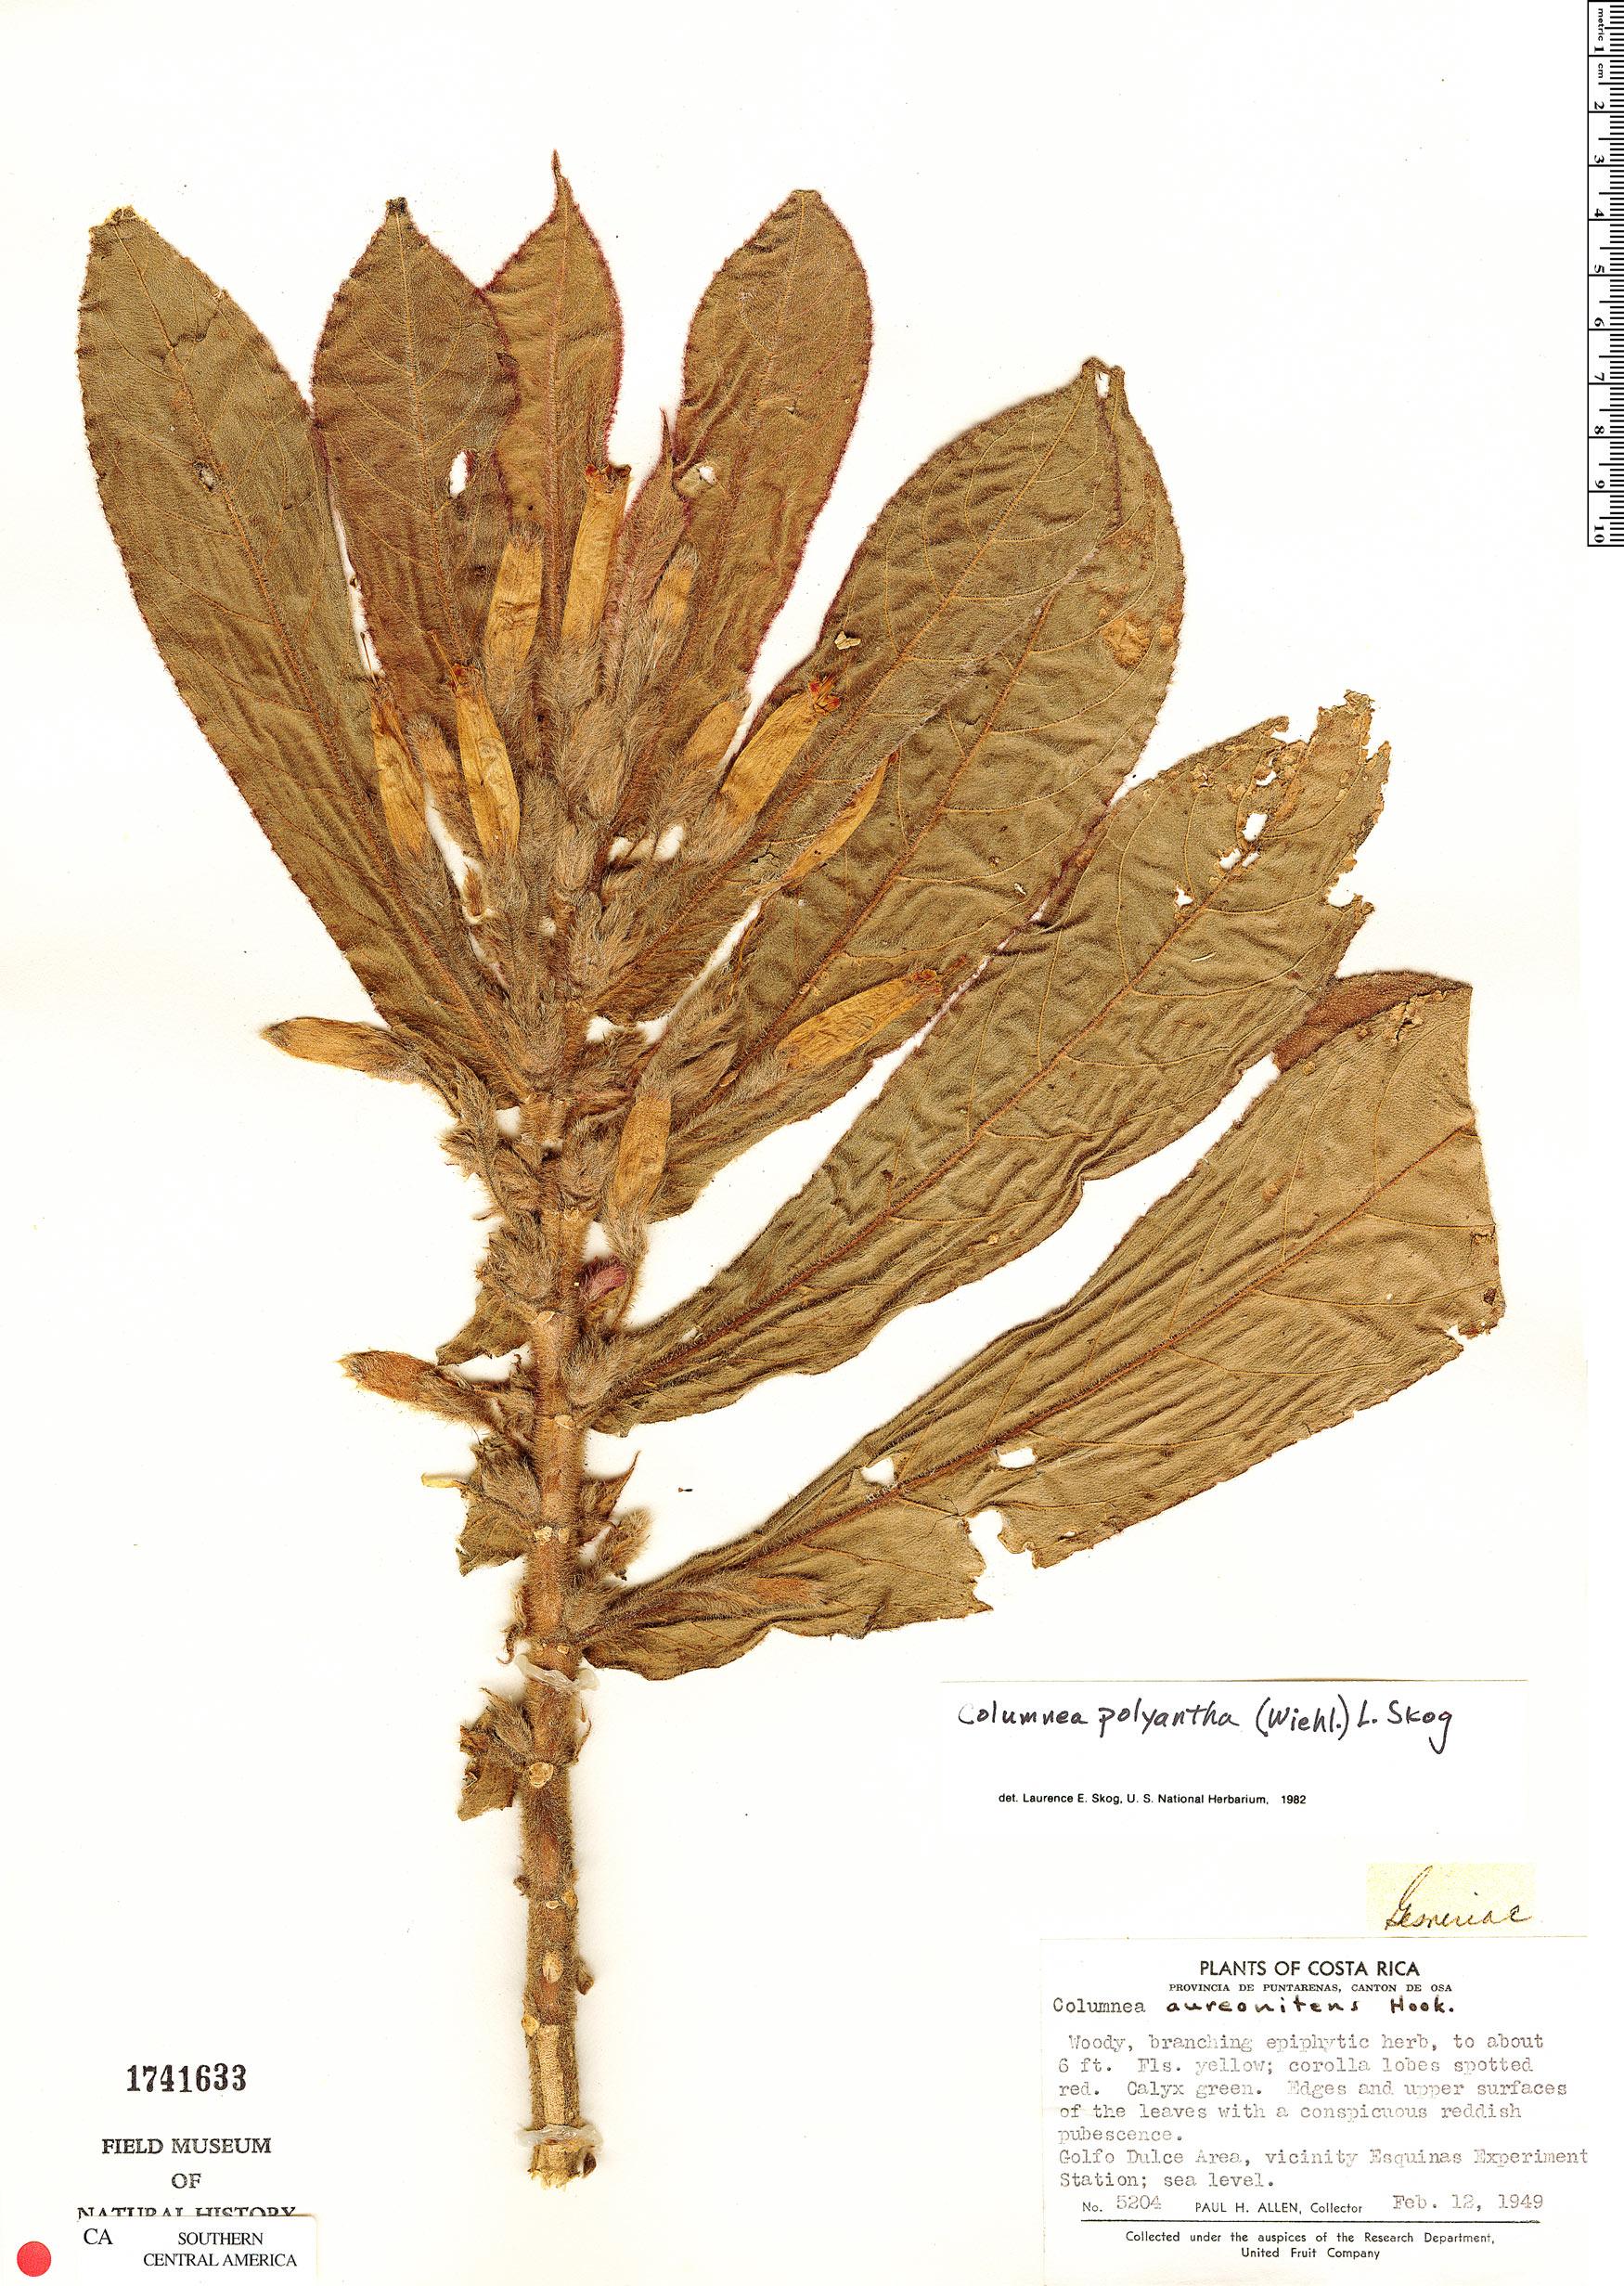 Espécime: Columnea polyantha